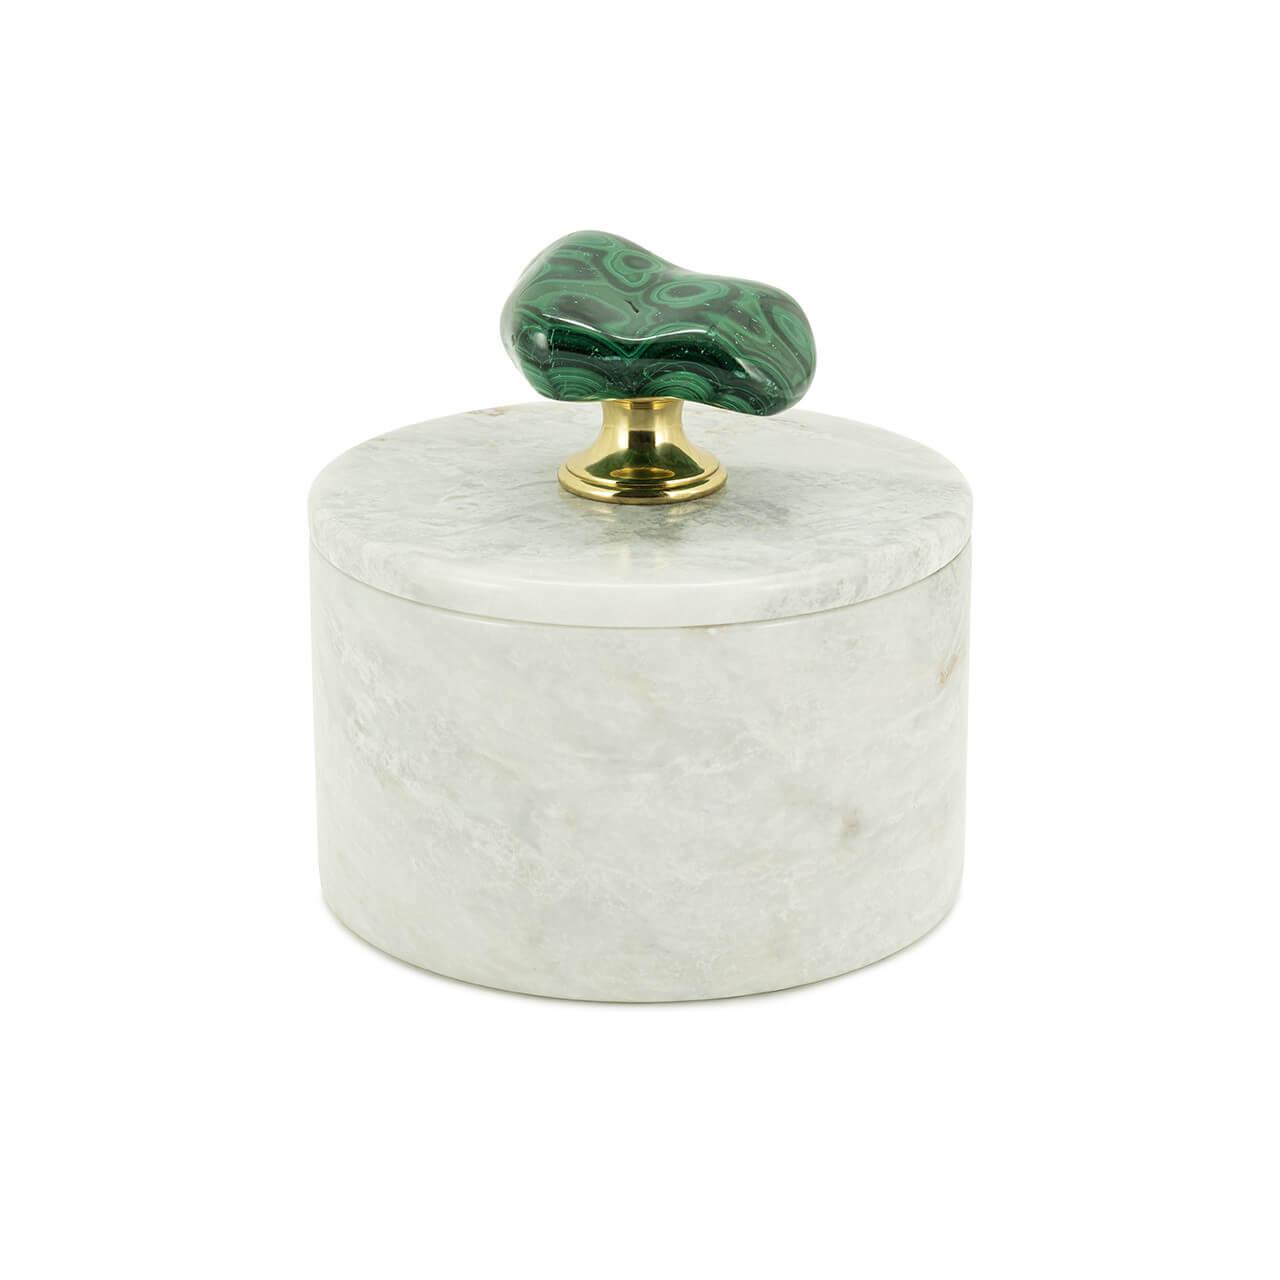 ABHIKA Box Lixus Malaki SM, H13 D12 Green/White